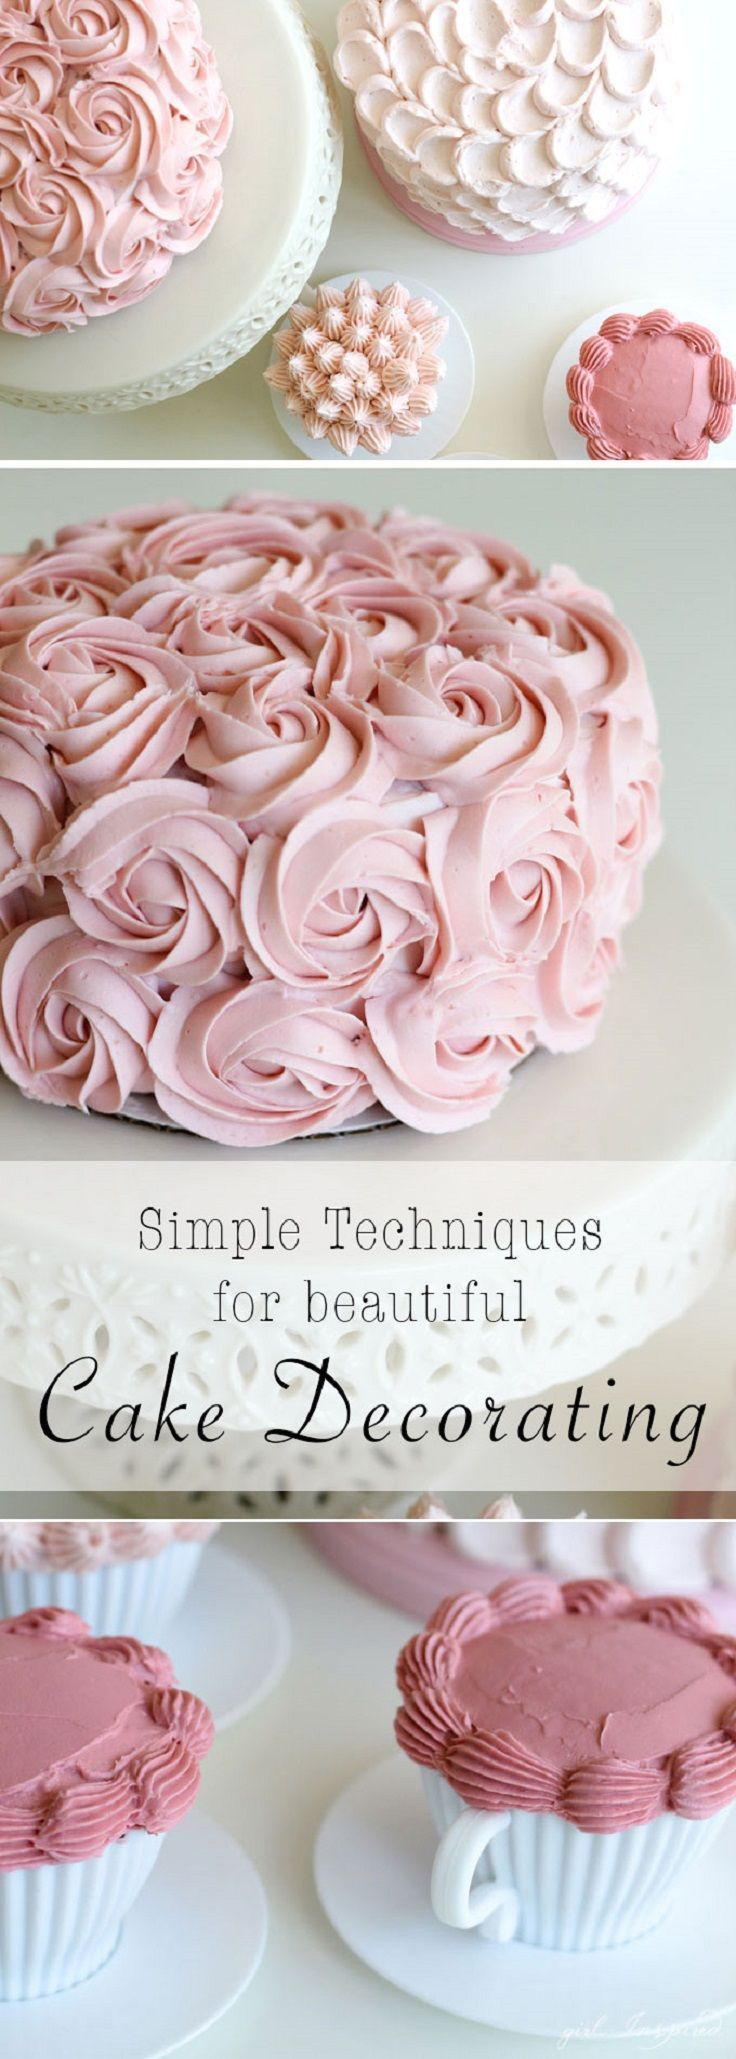 4 einfache und atemberaubende Techniken zum Verzieren von Kuchen - 17 #amazingcakes